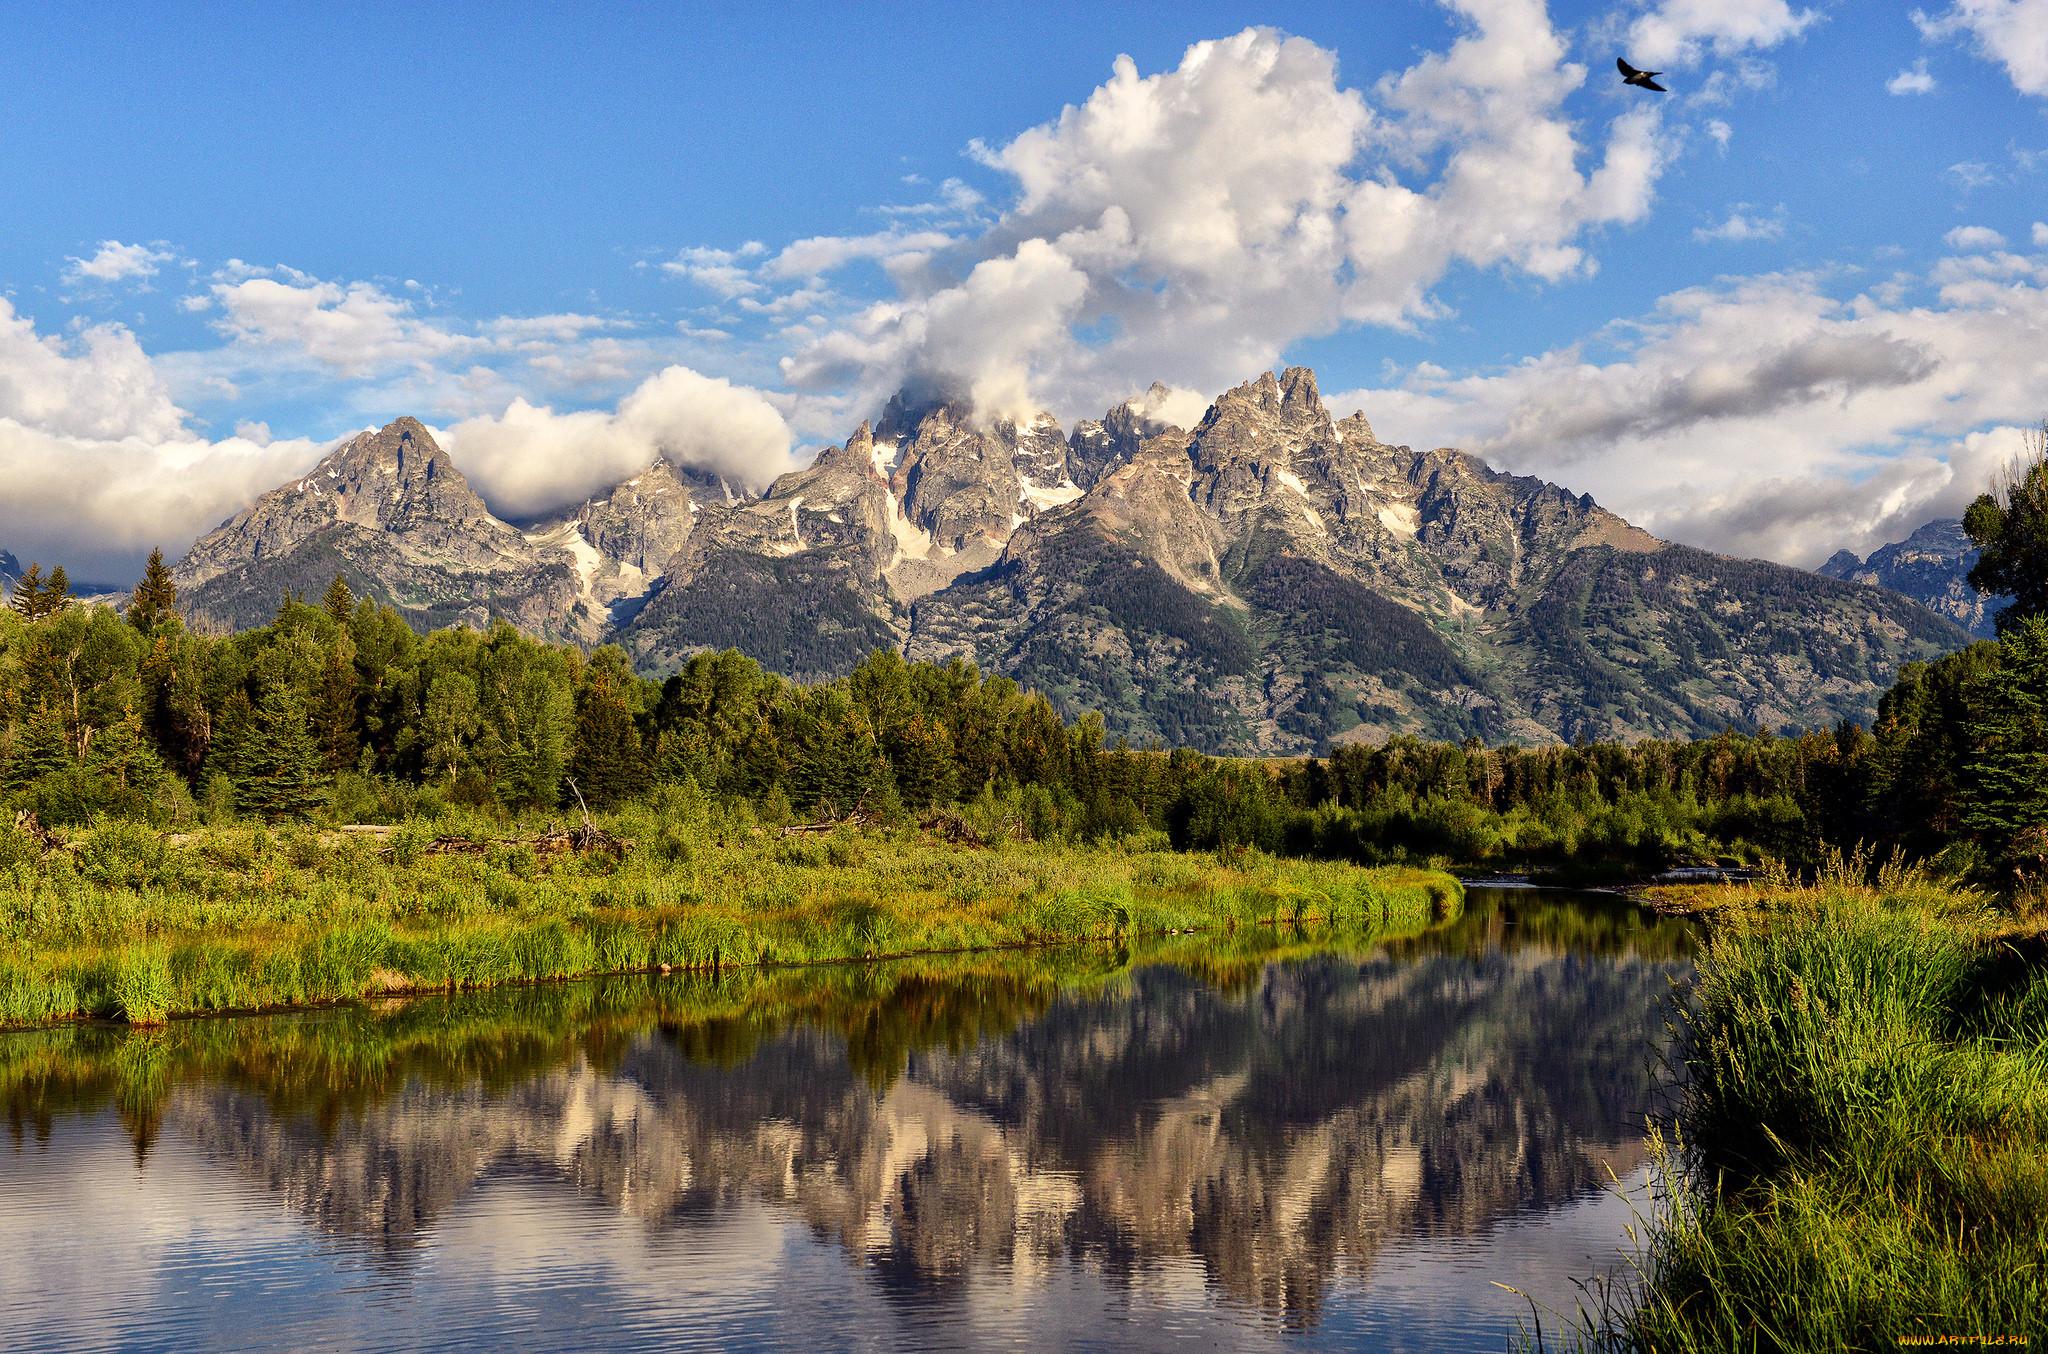 фото горных пейзажей в высоком качестве этом